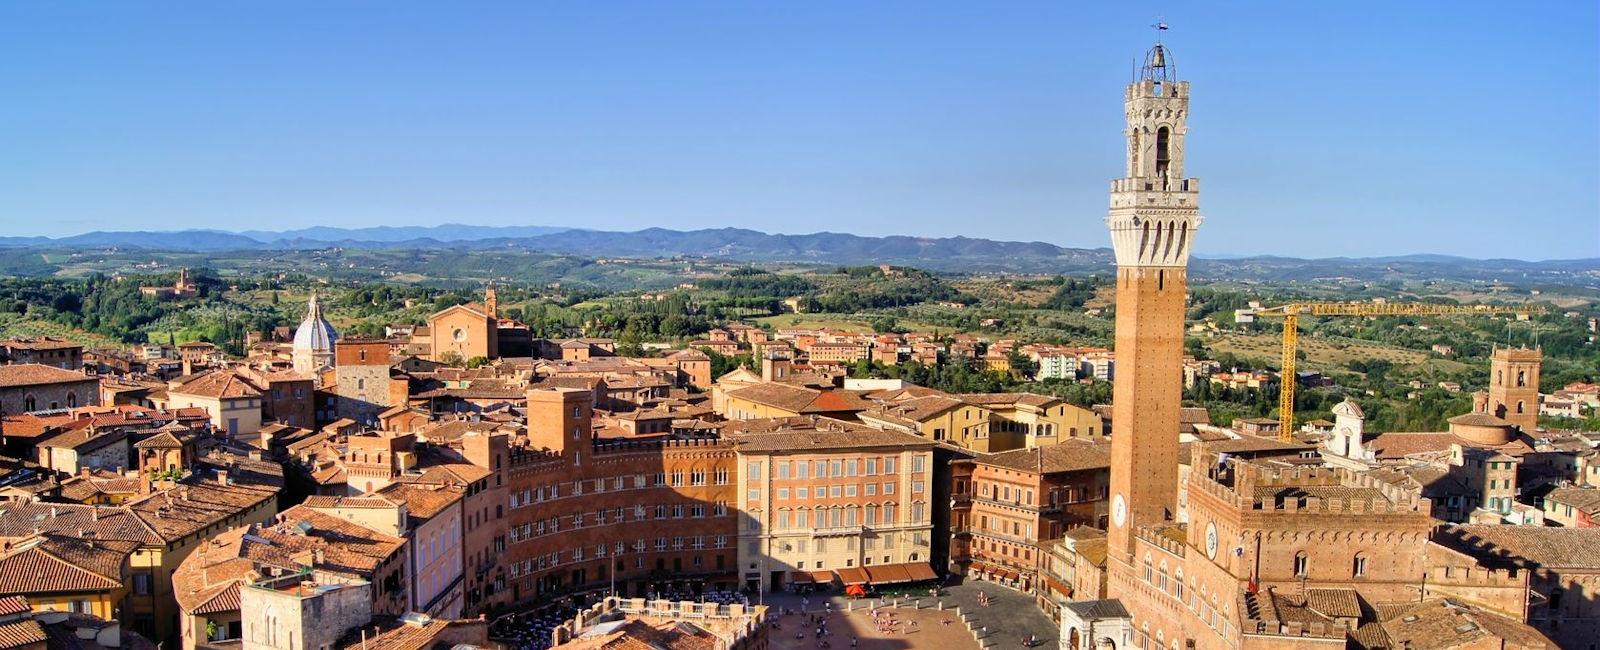 Luxury Siena Holidays